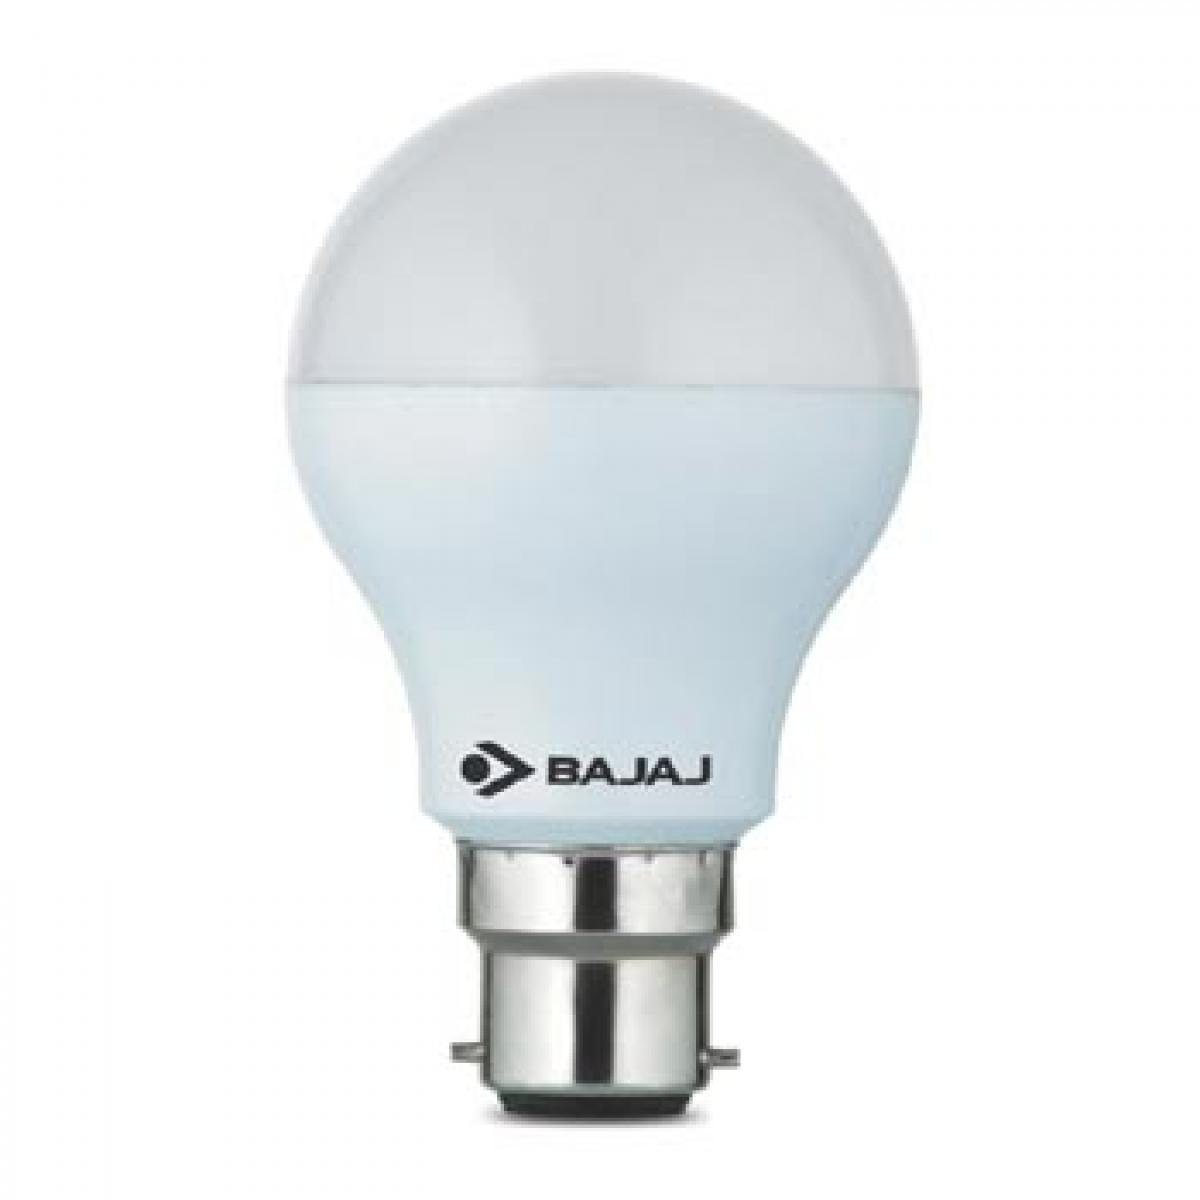 Bajaj Electricals unveils new LED lighting range